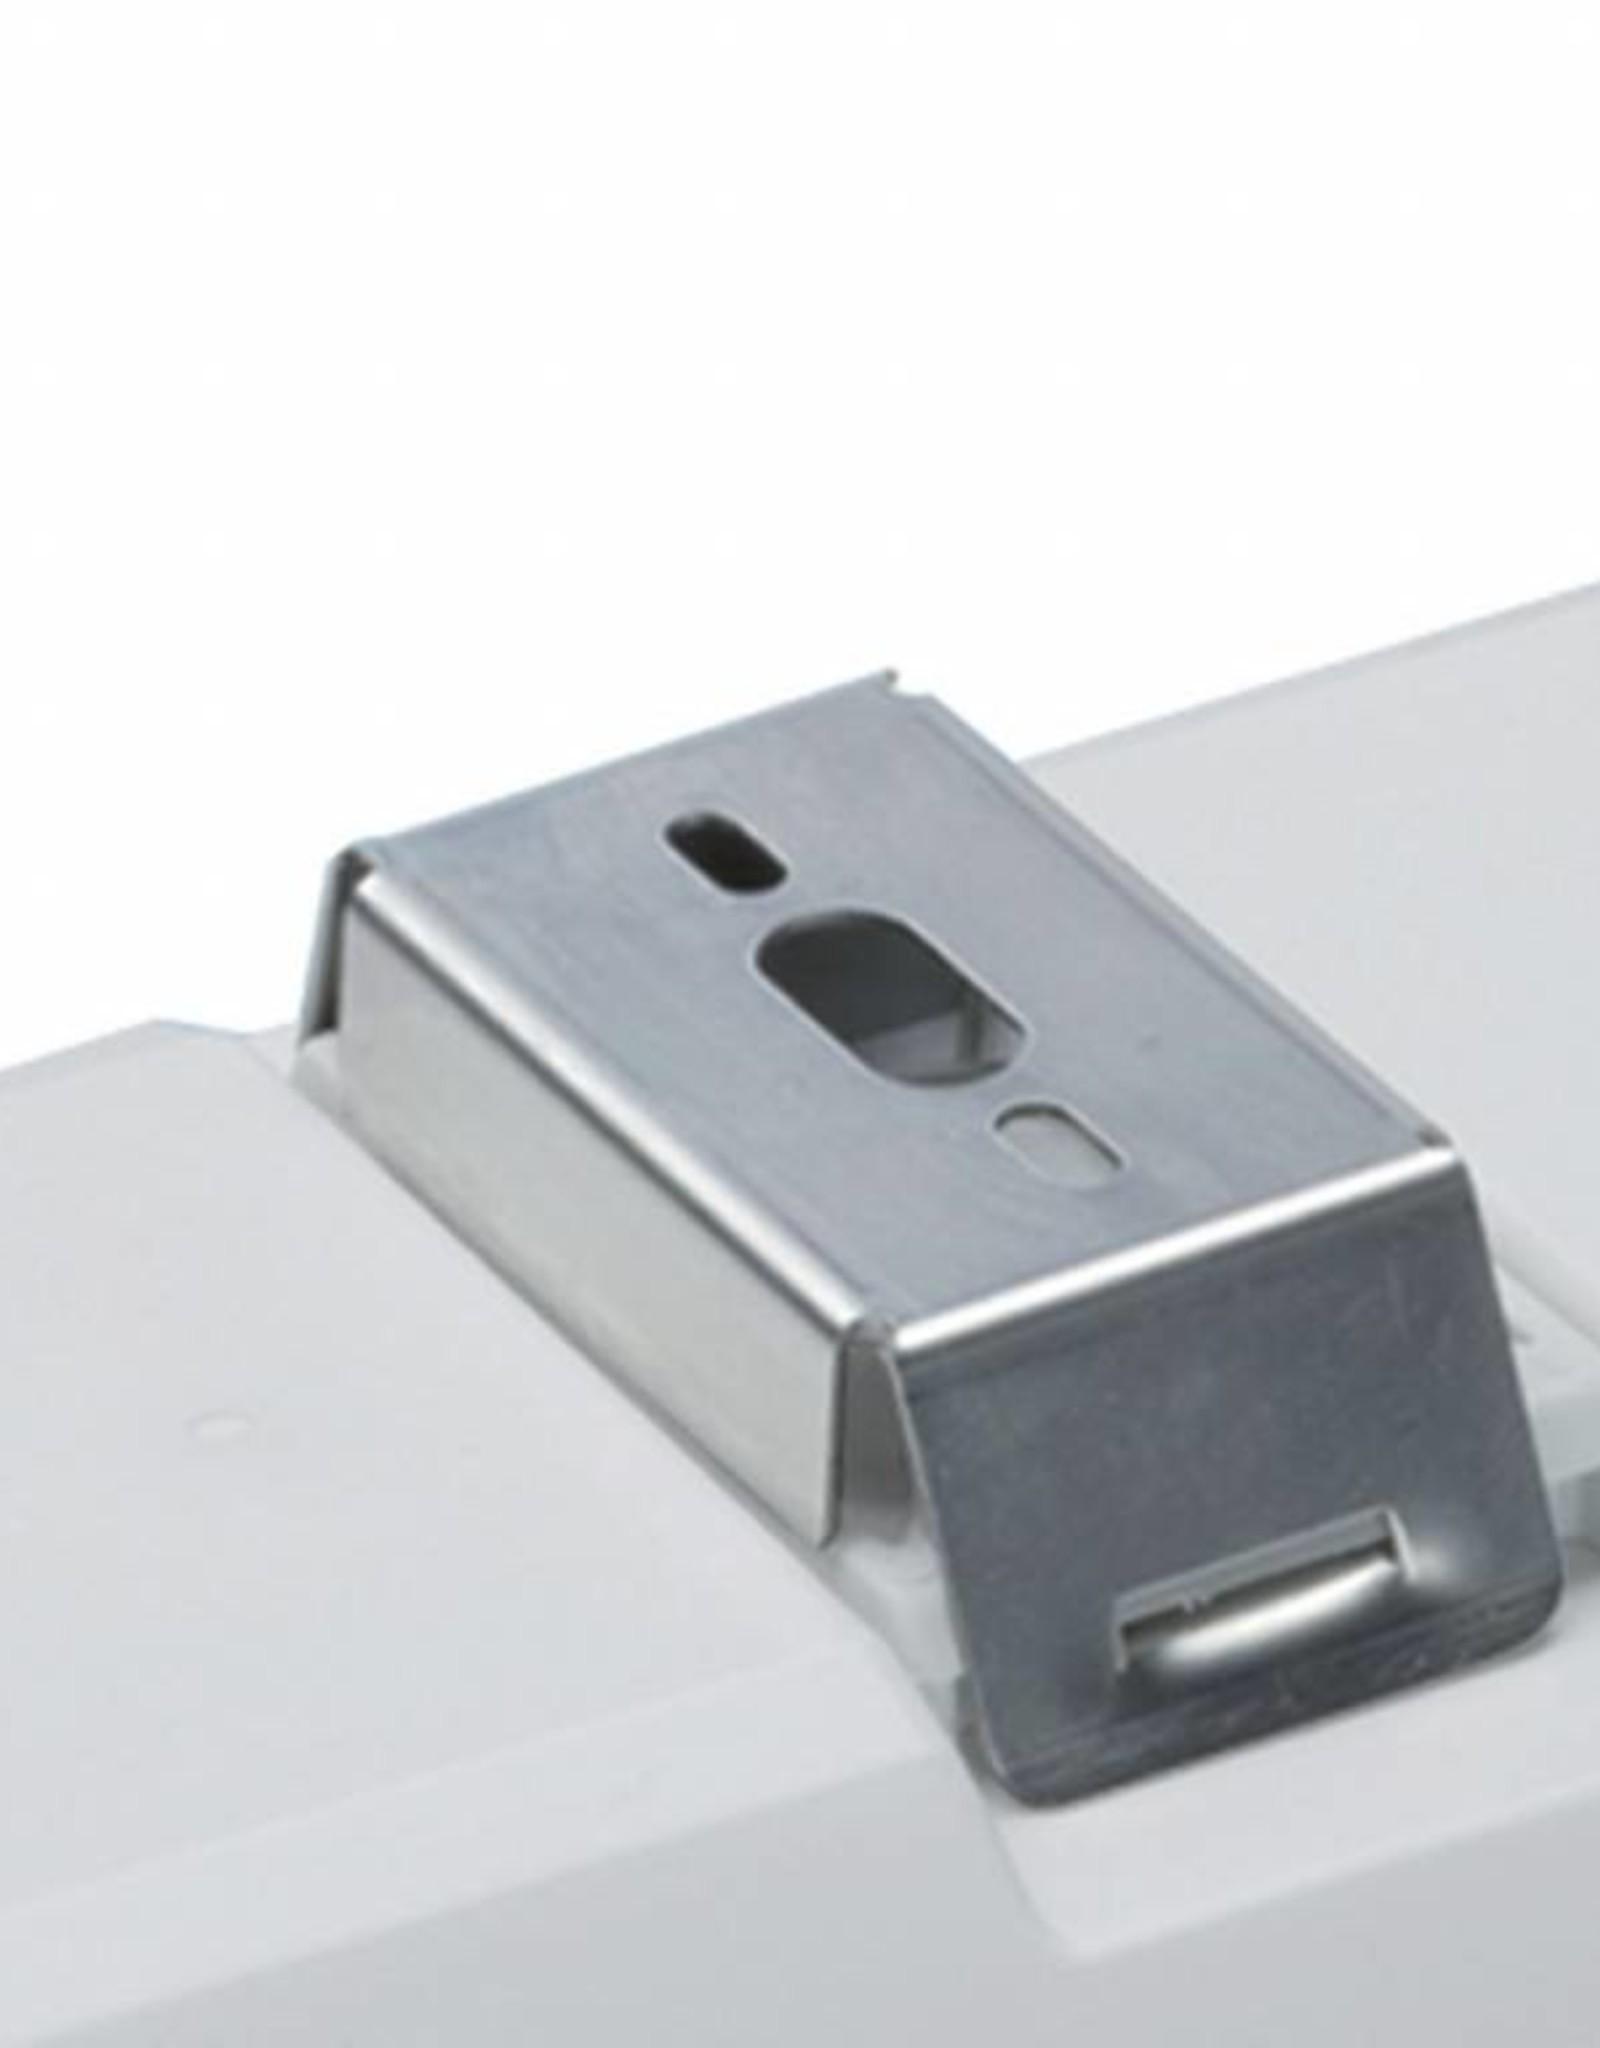 PRIMA FUTURA 2.5ft ABSc Al 11000/840 M3h